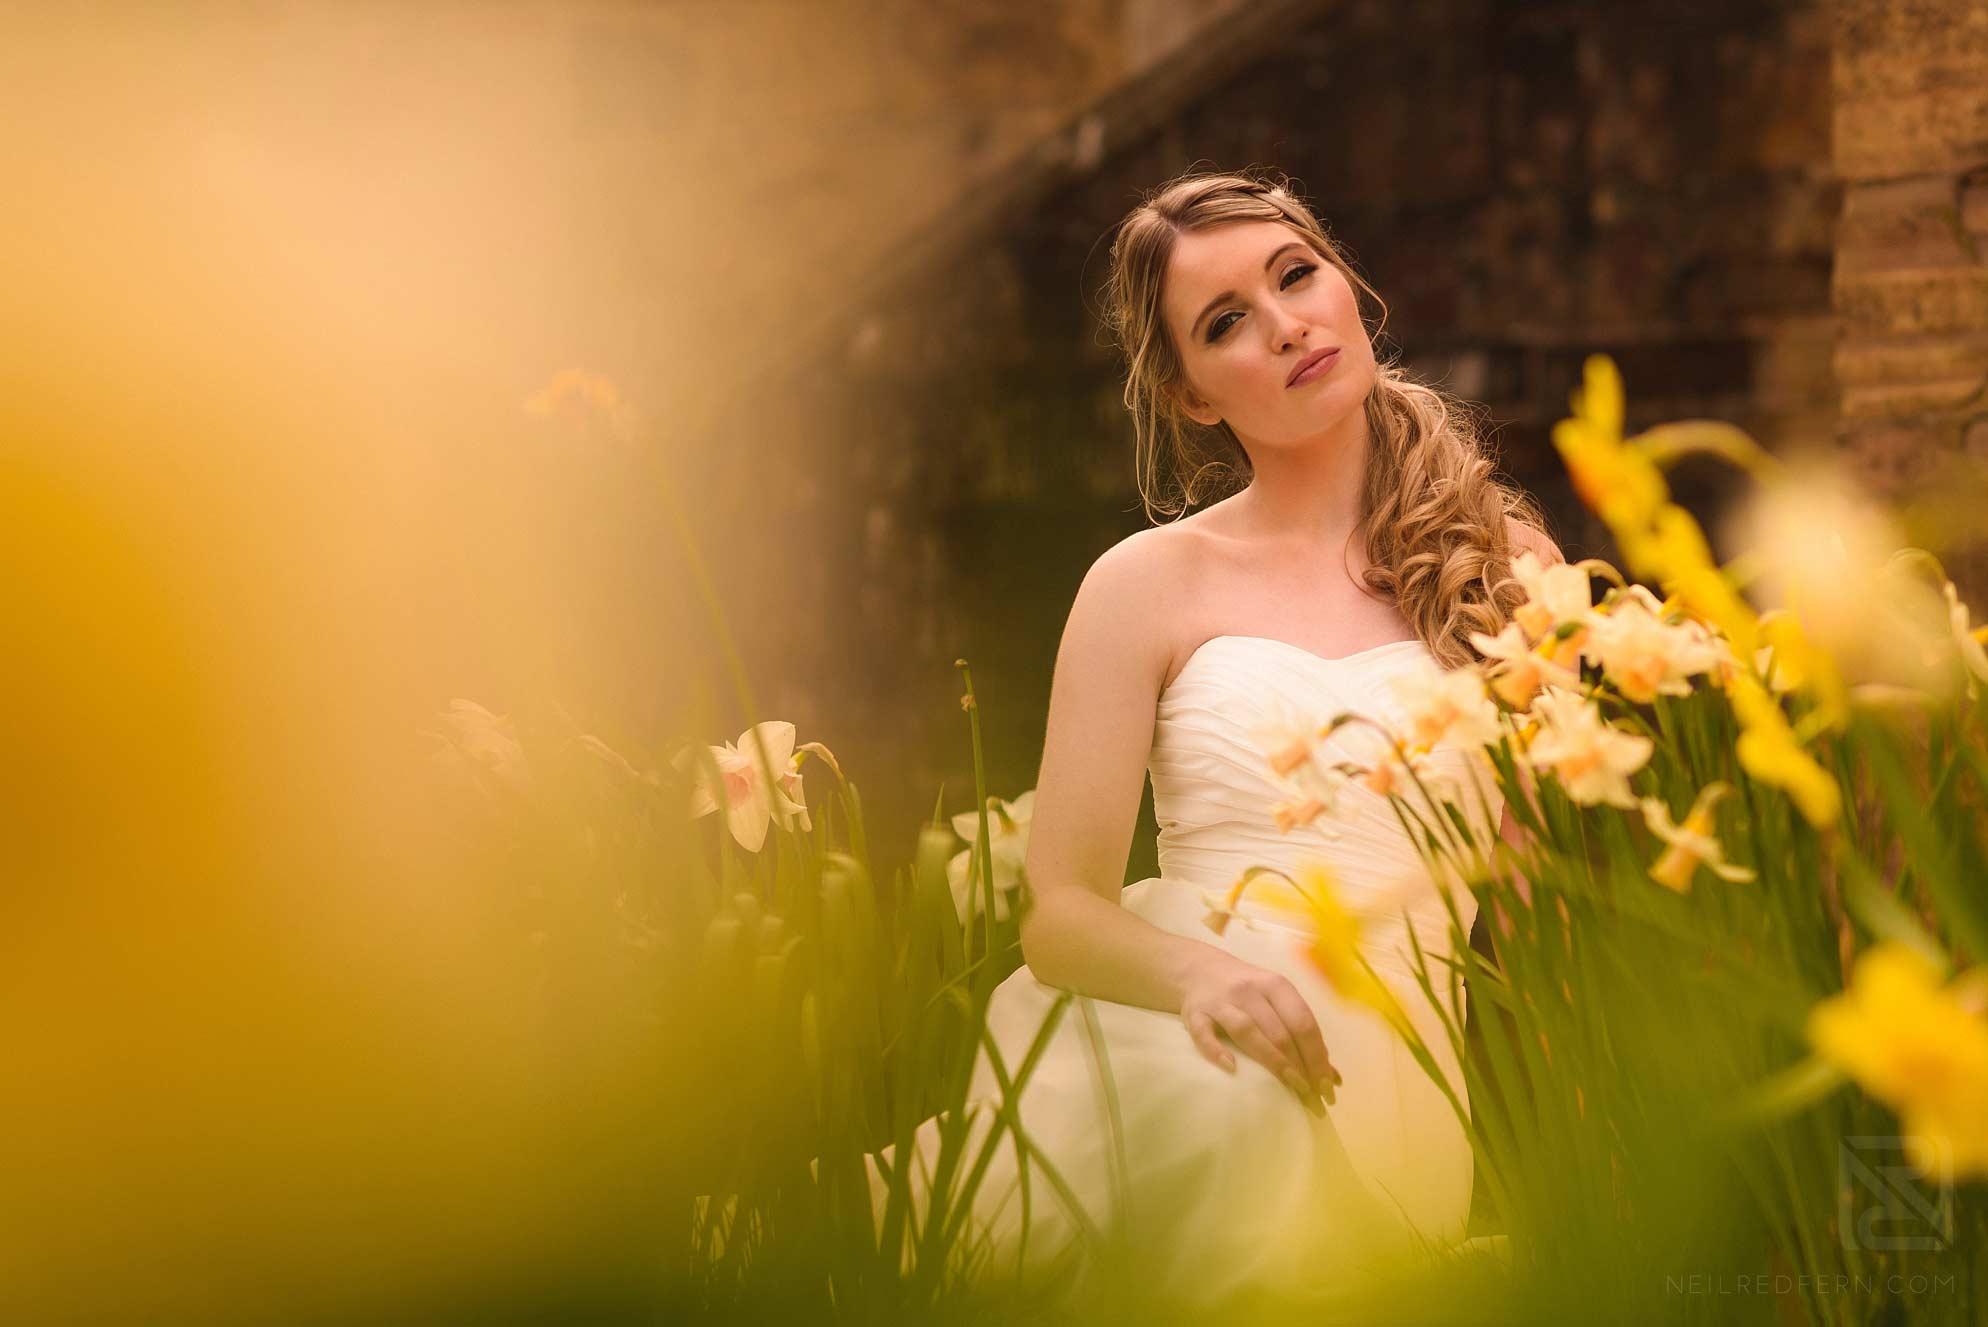 wedding-photography-training-7